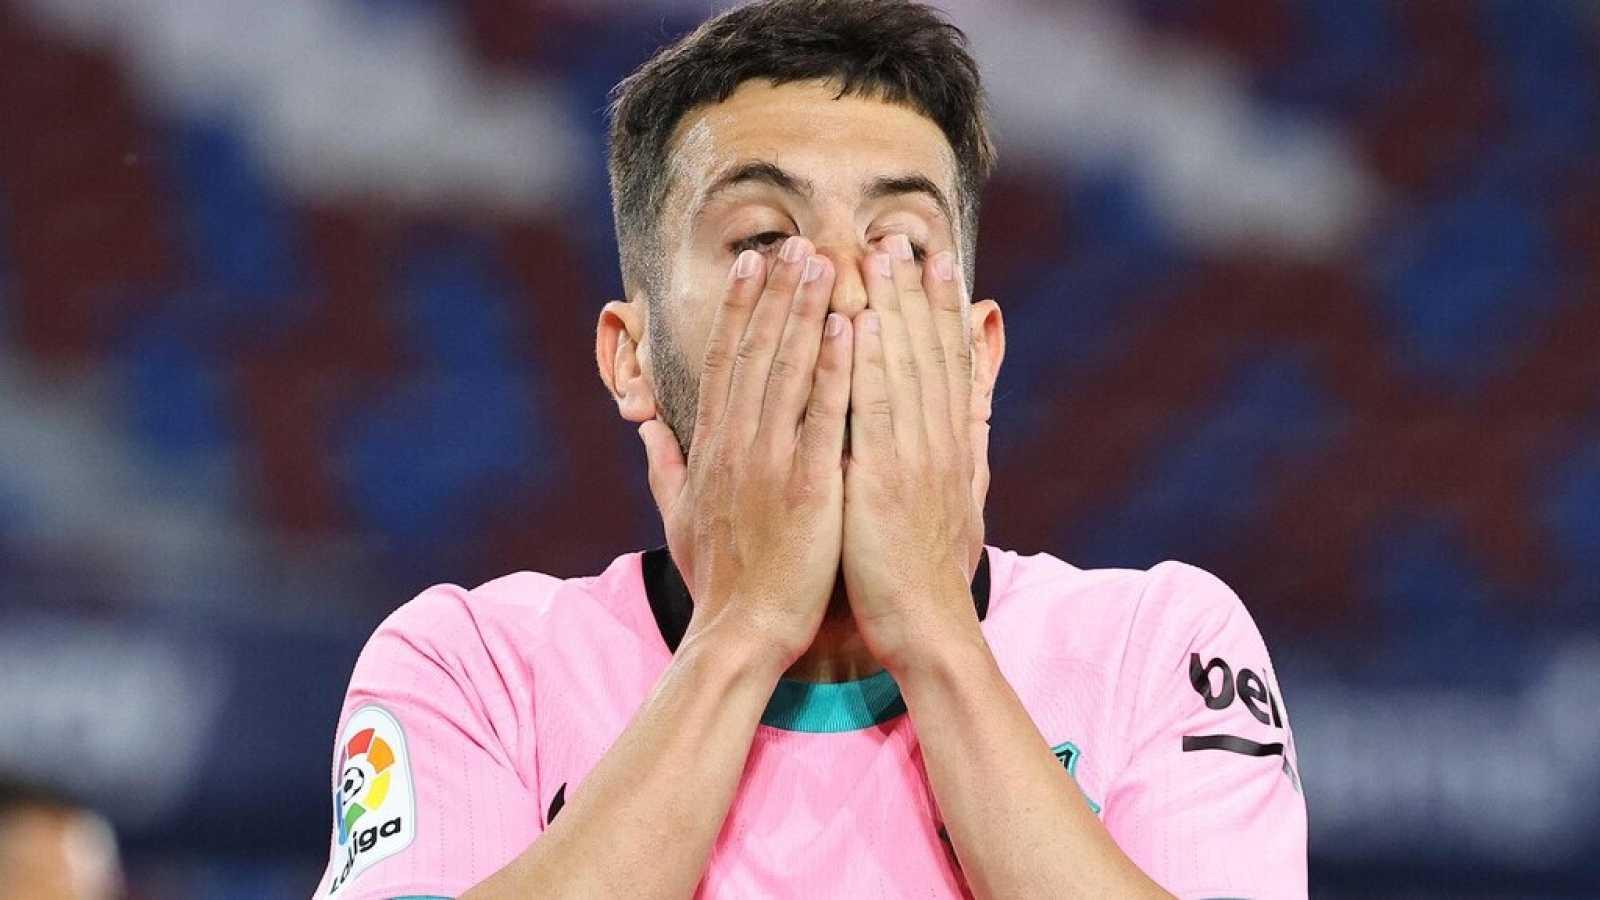 Tablero deportivo - El Barcelona dice prácticamente adiós a la Liga - Escuchar ahora